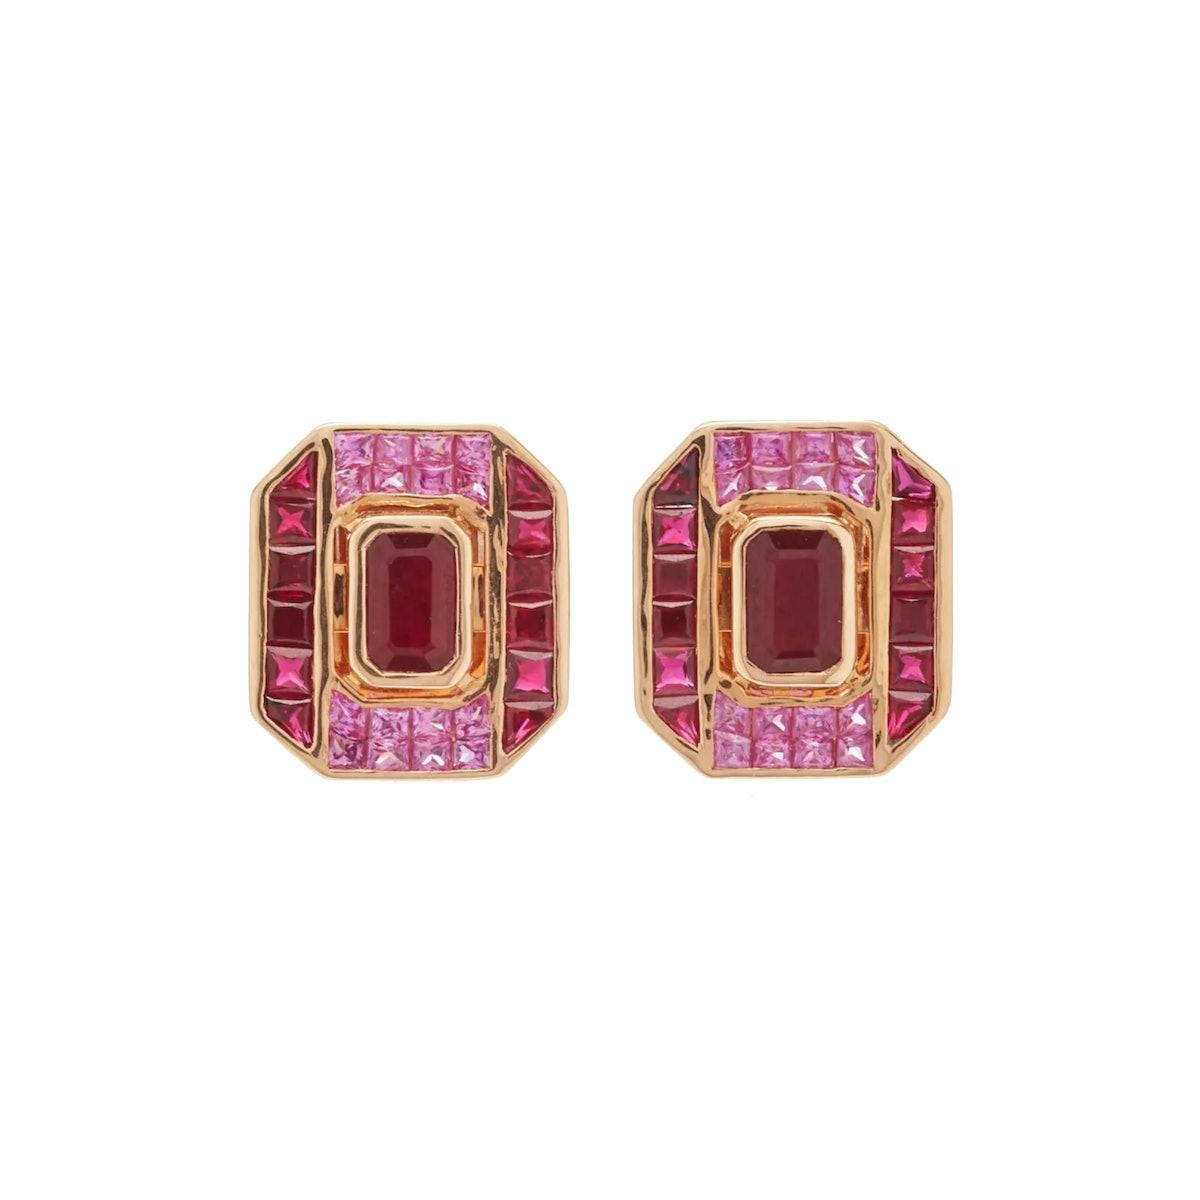 earrings_shopping_06.jpg